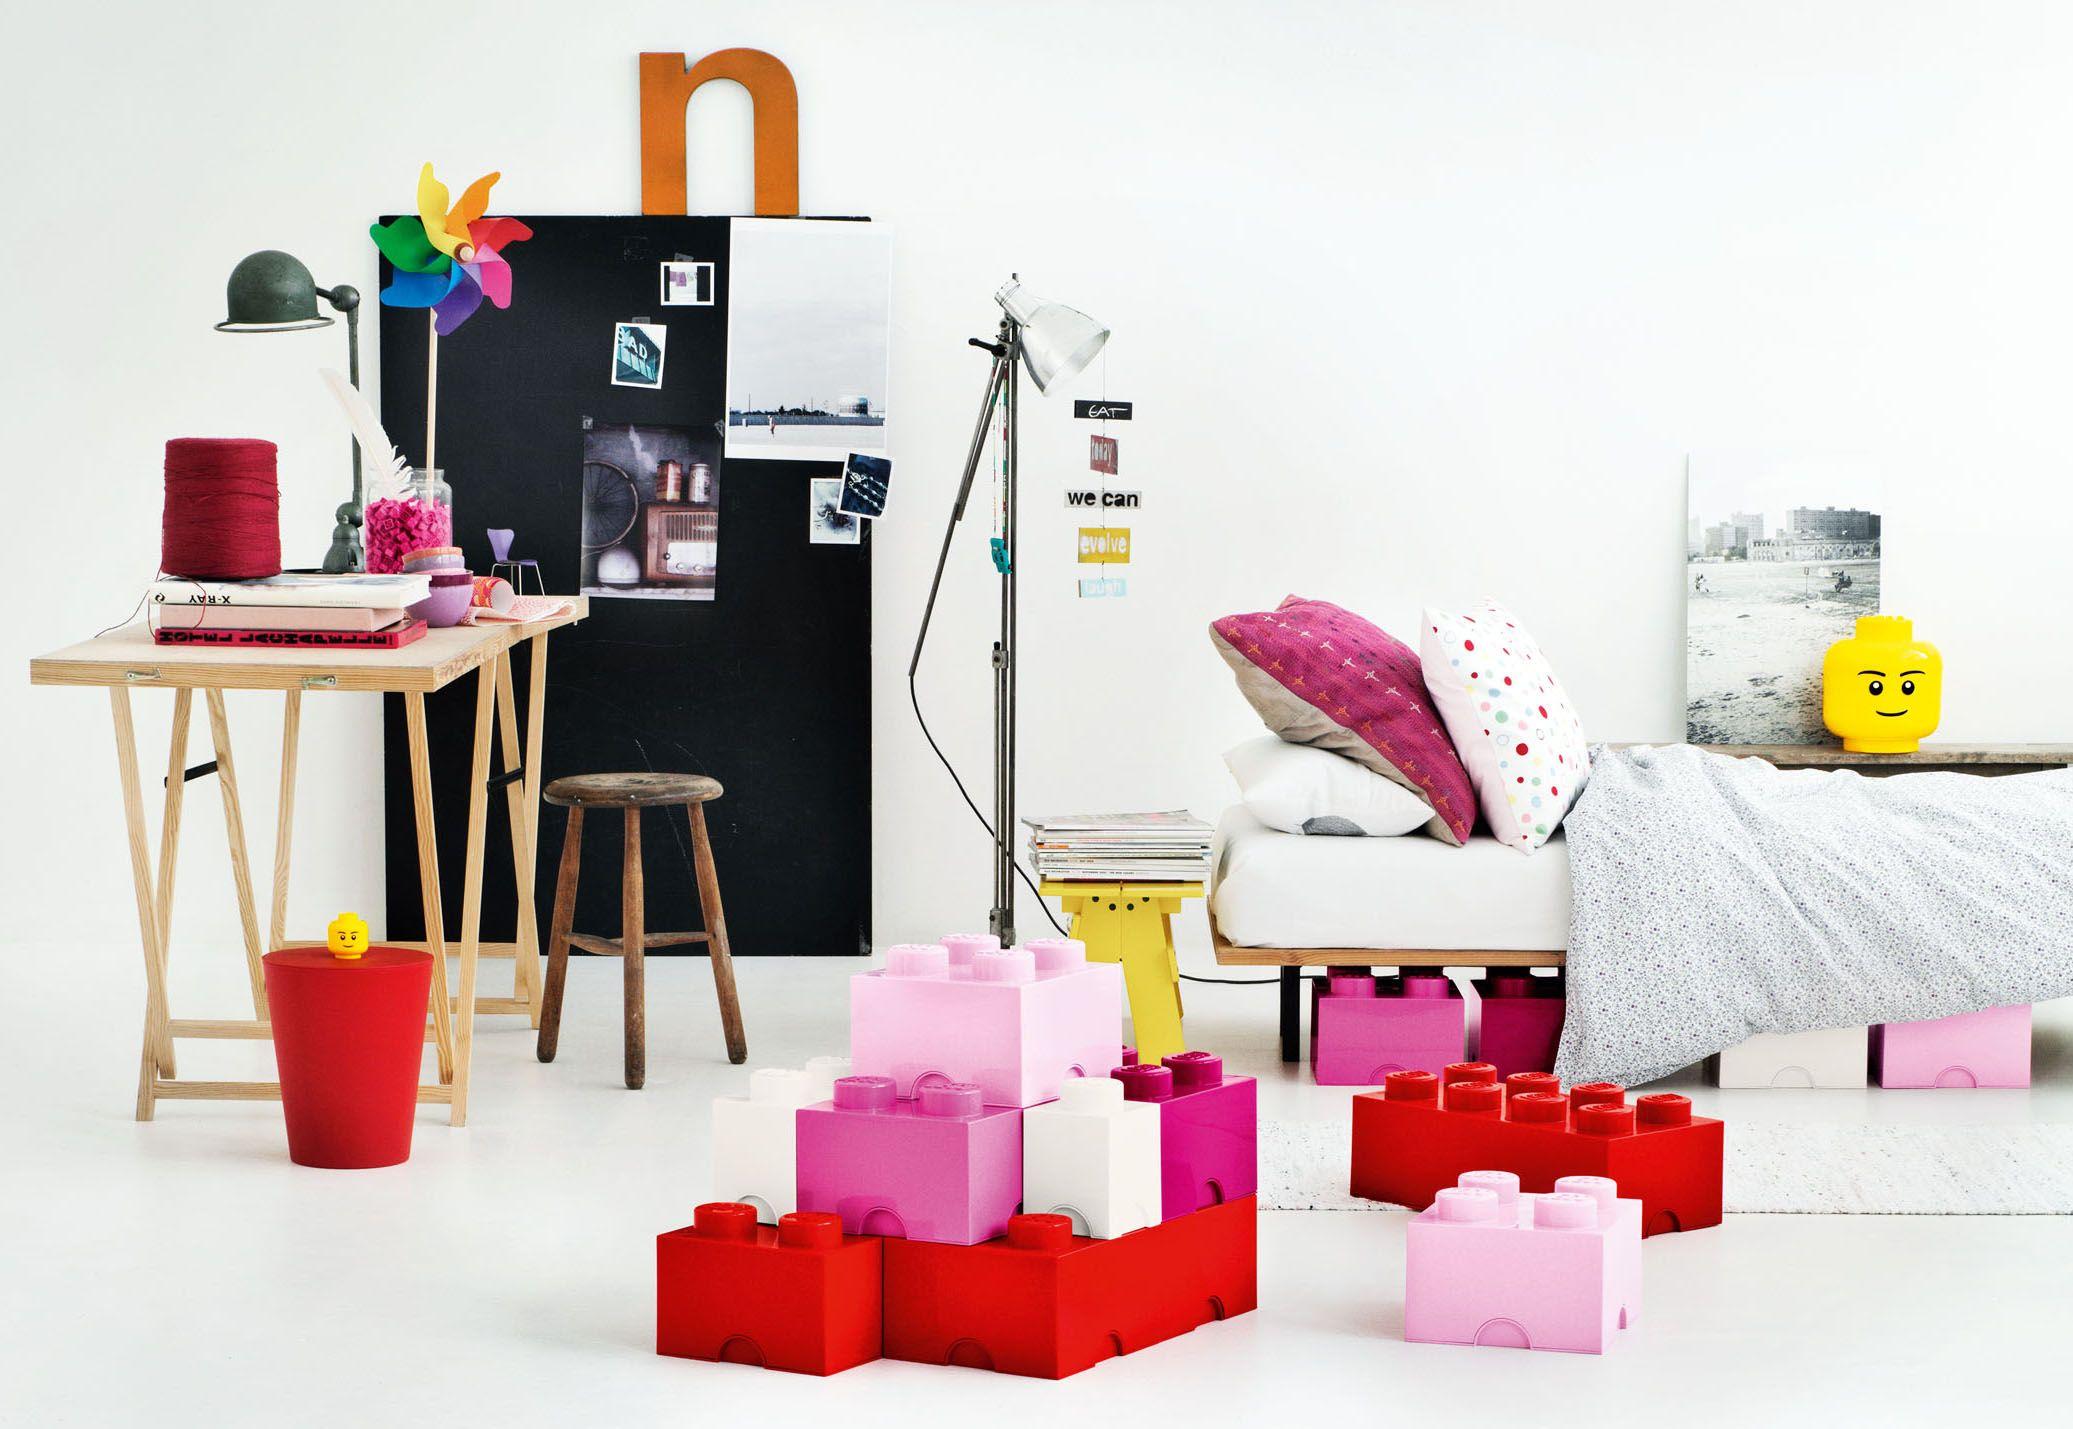 Cajas almacenaje lego decoraci n infantil cajas almacenaje interiores y habitaciones infantiles - Caja almacenaje infantil ...